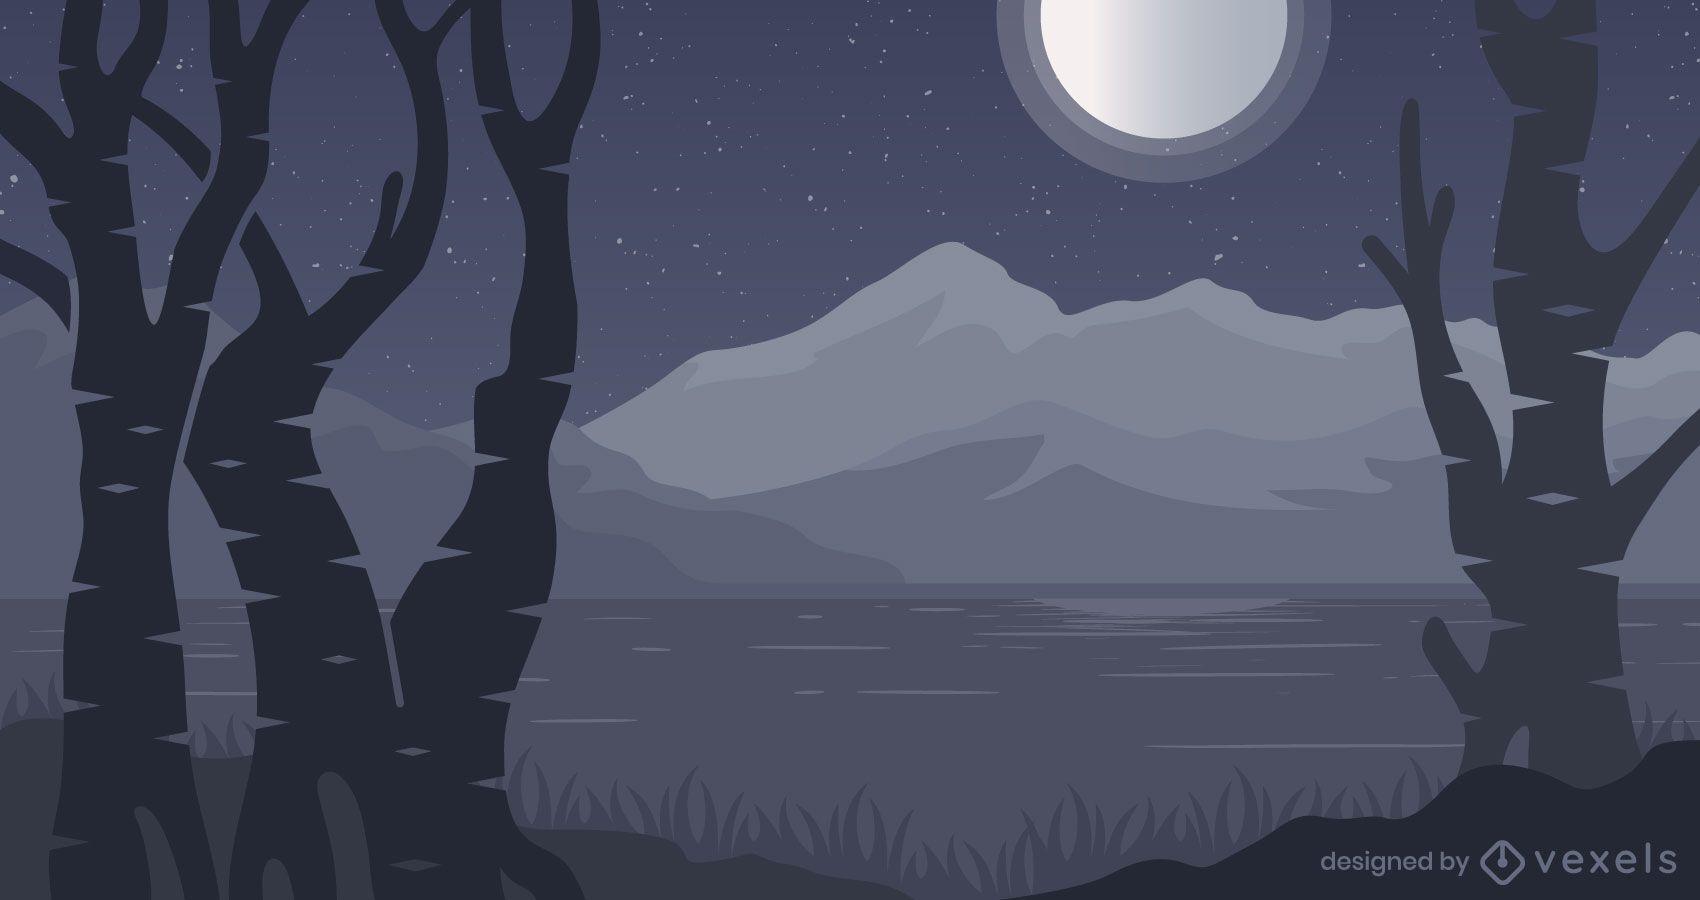 Forest night background design